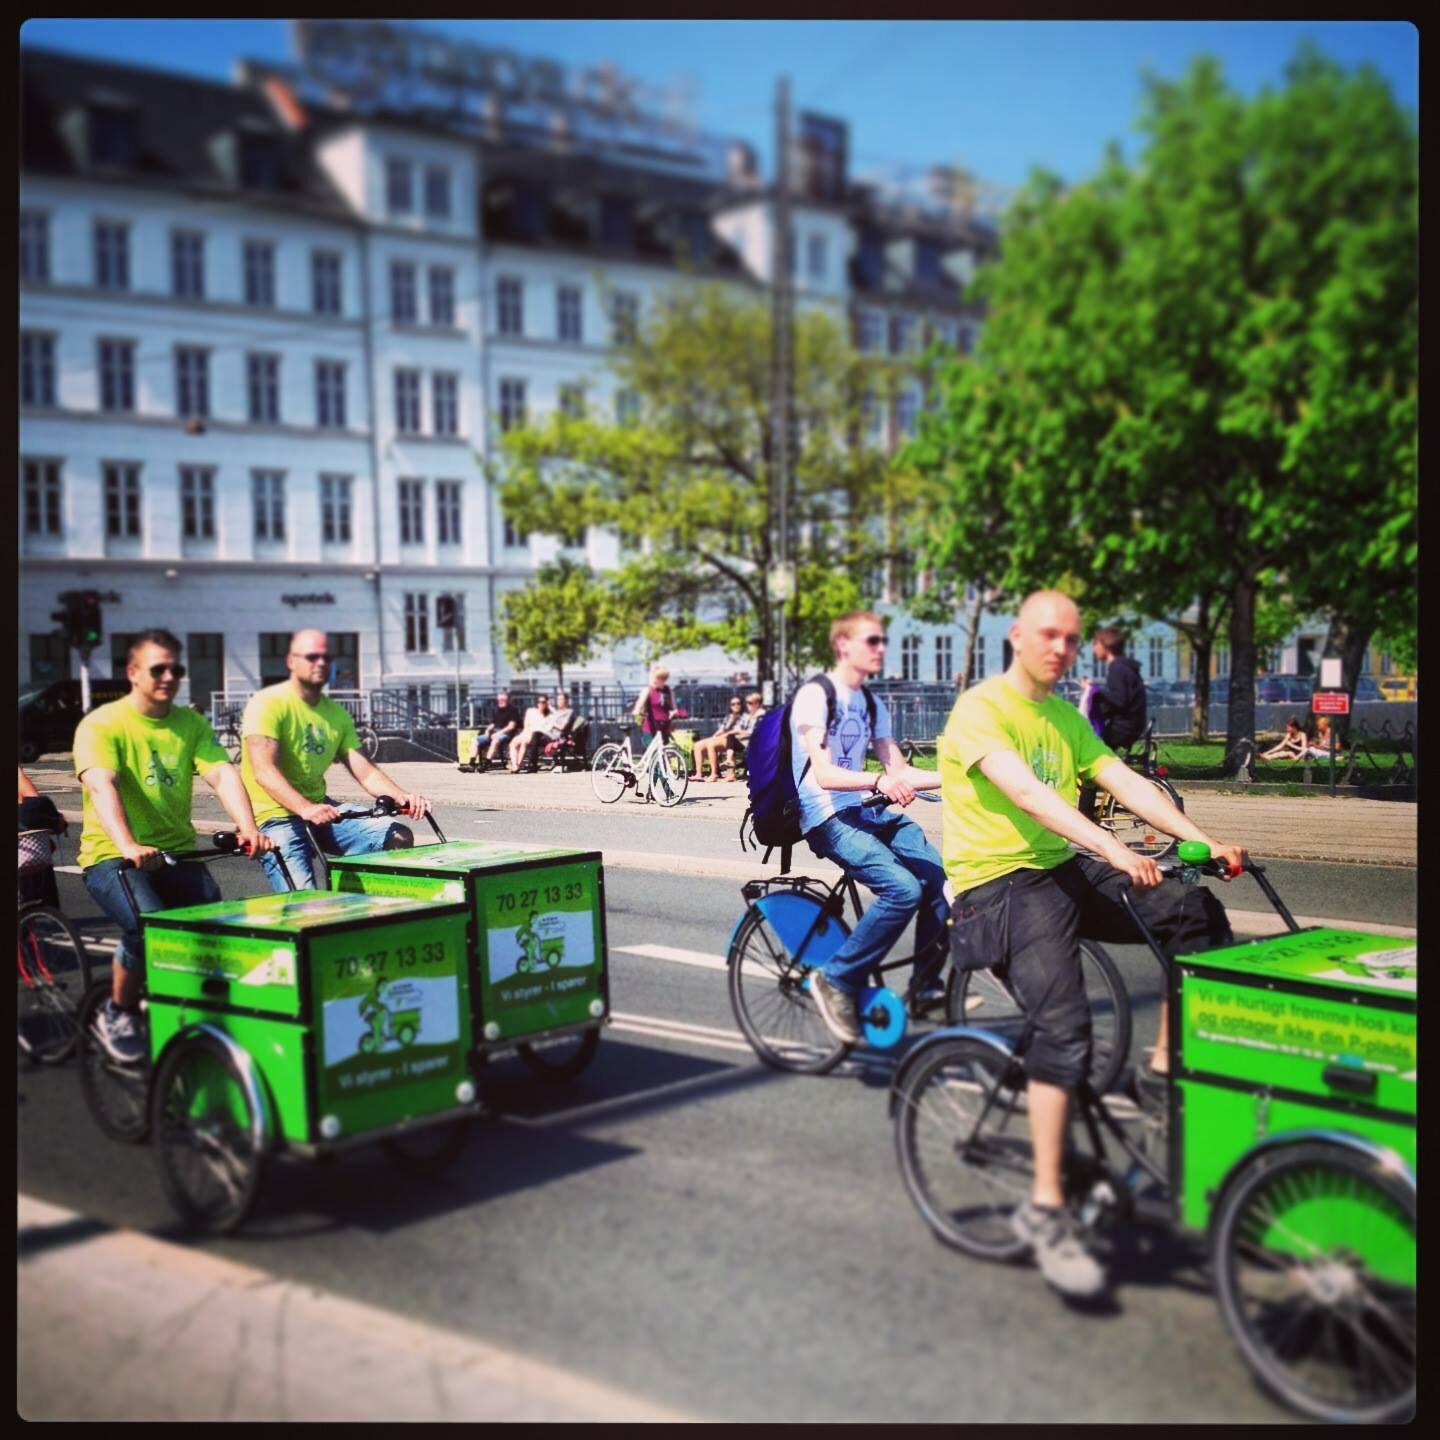 Grønne elektrikere cykler i København